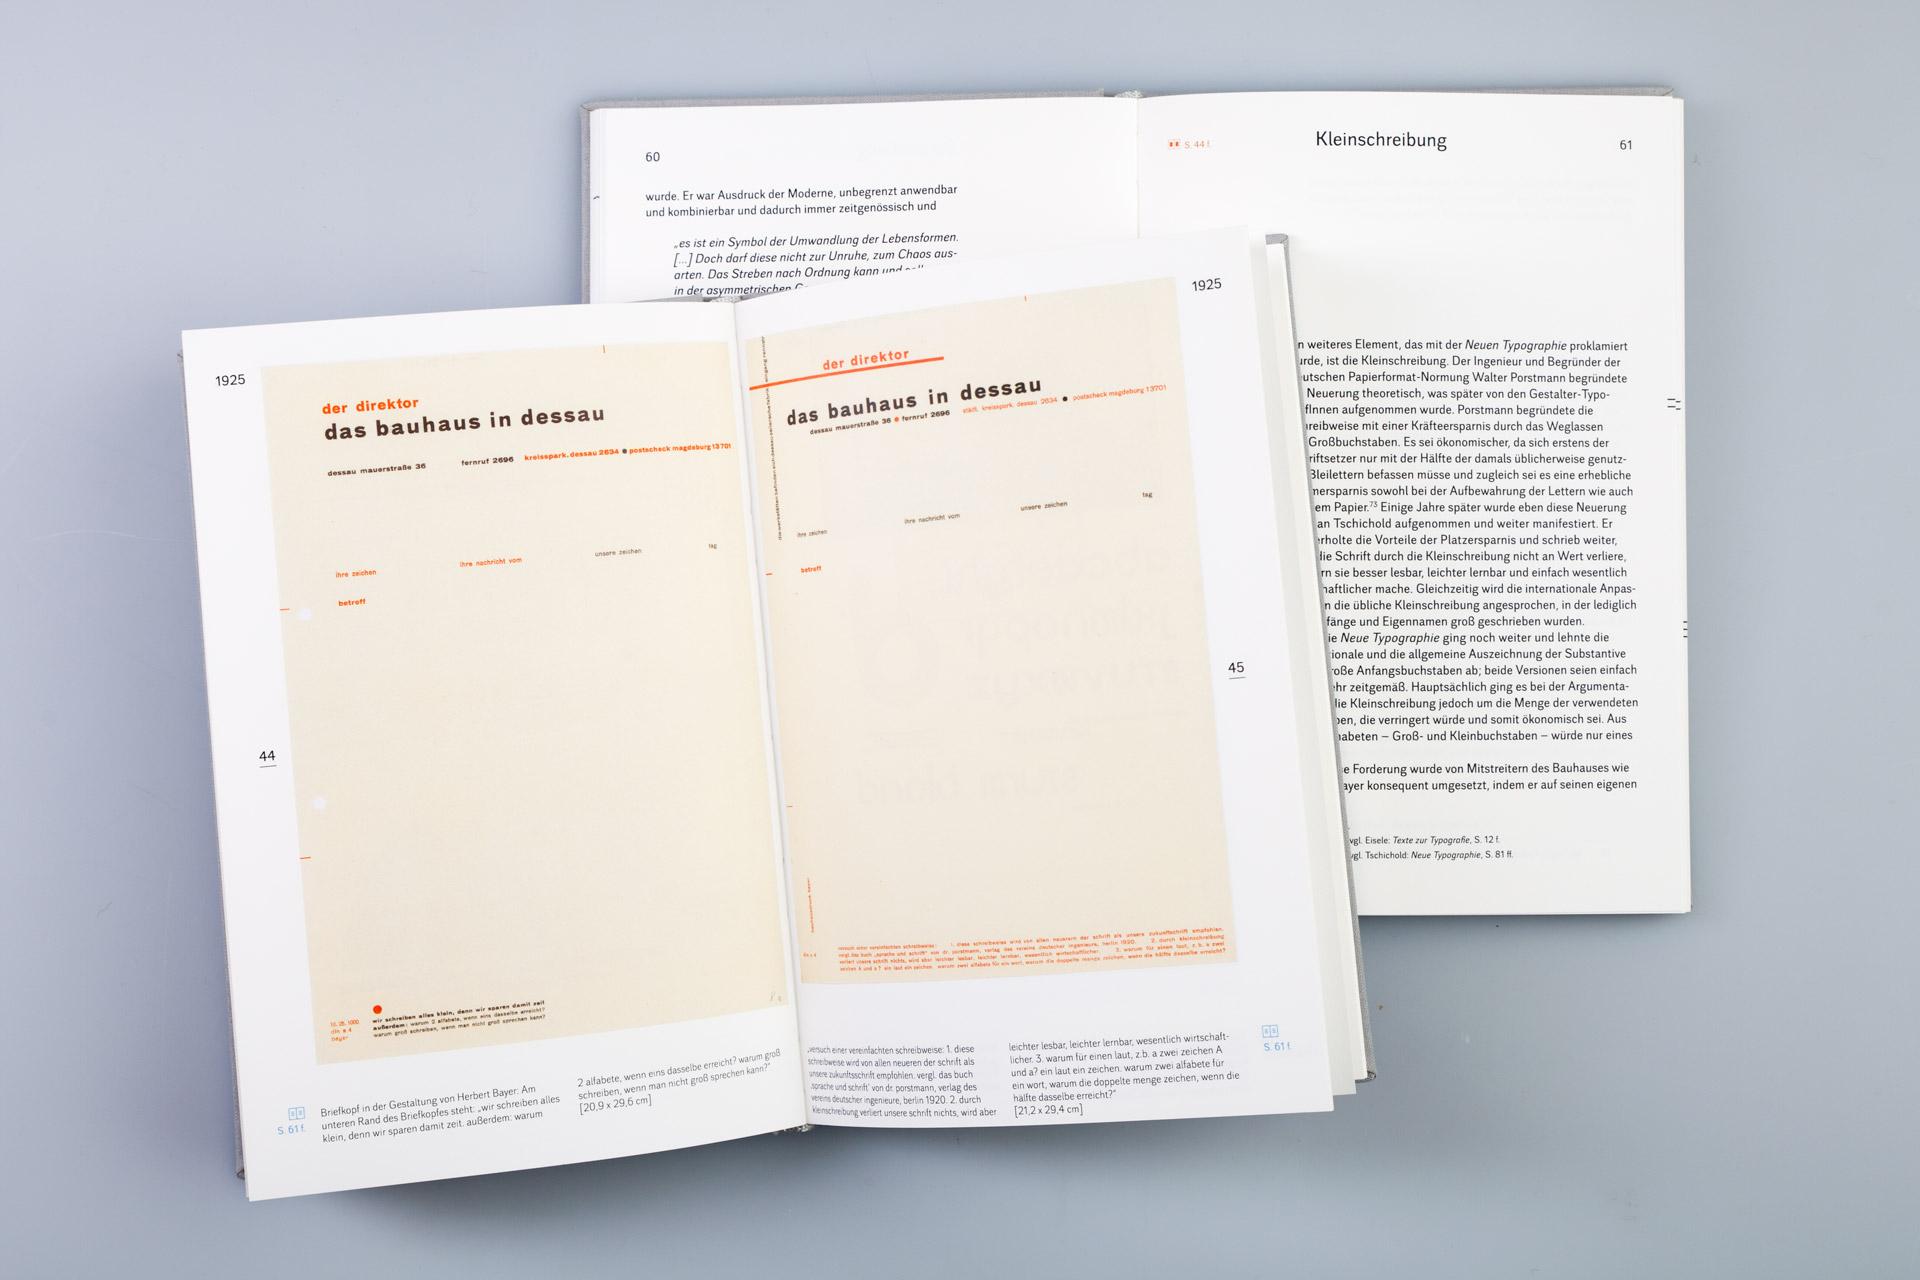 Die beiden Bücher können getrennt voneinder gelesen oder gemeinsam benutzt werden, indem man den sich auf den jeweils andere Band bezie- henden Referenzen folgt.